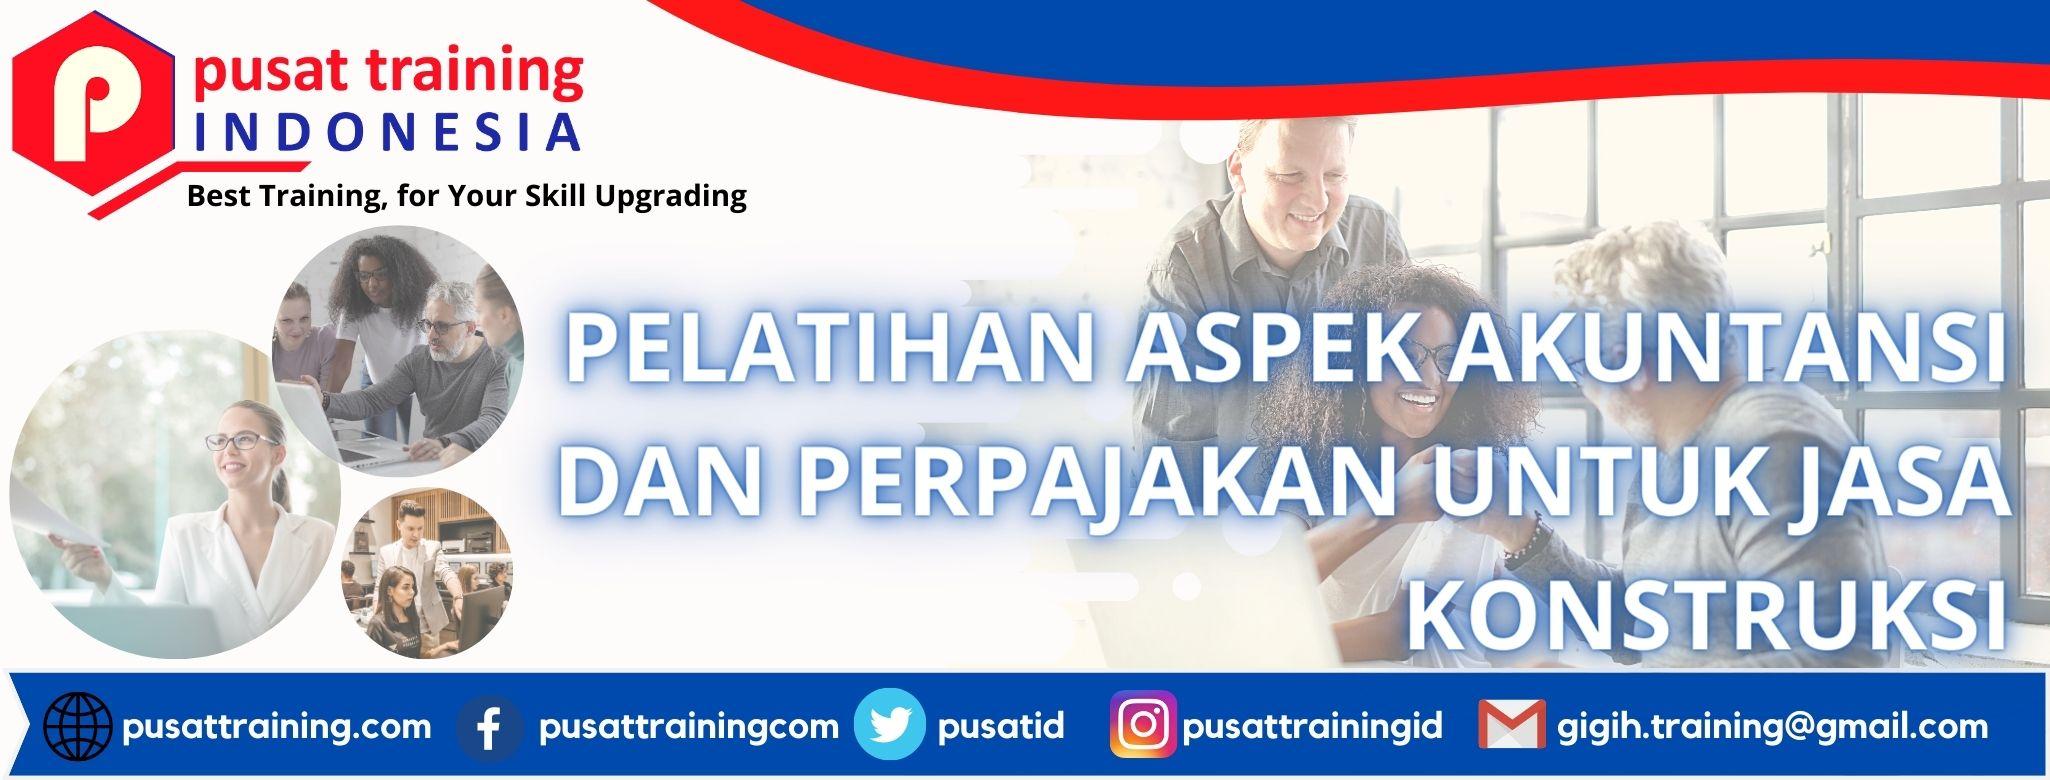 pelatihan-aspek-akuntansi-dan-perpajakan-untuk-jasa-konstruksi